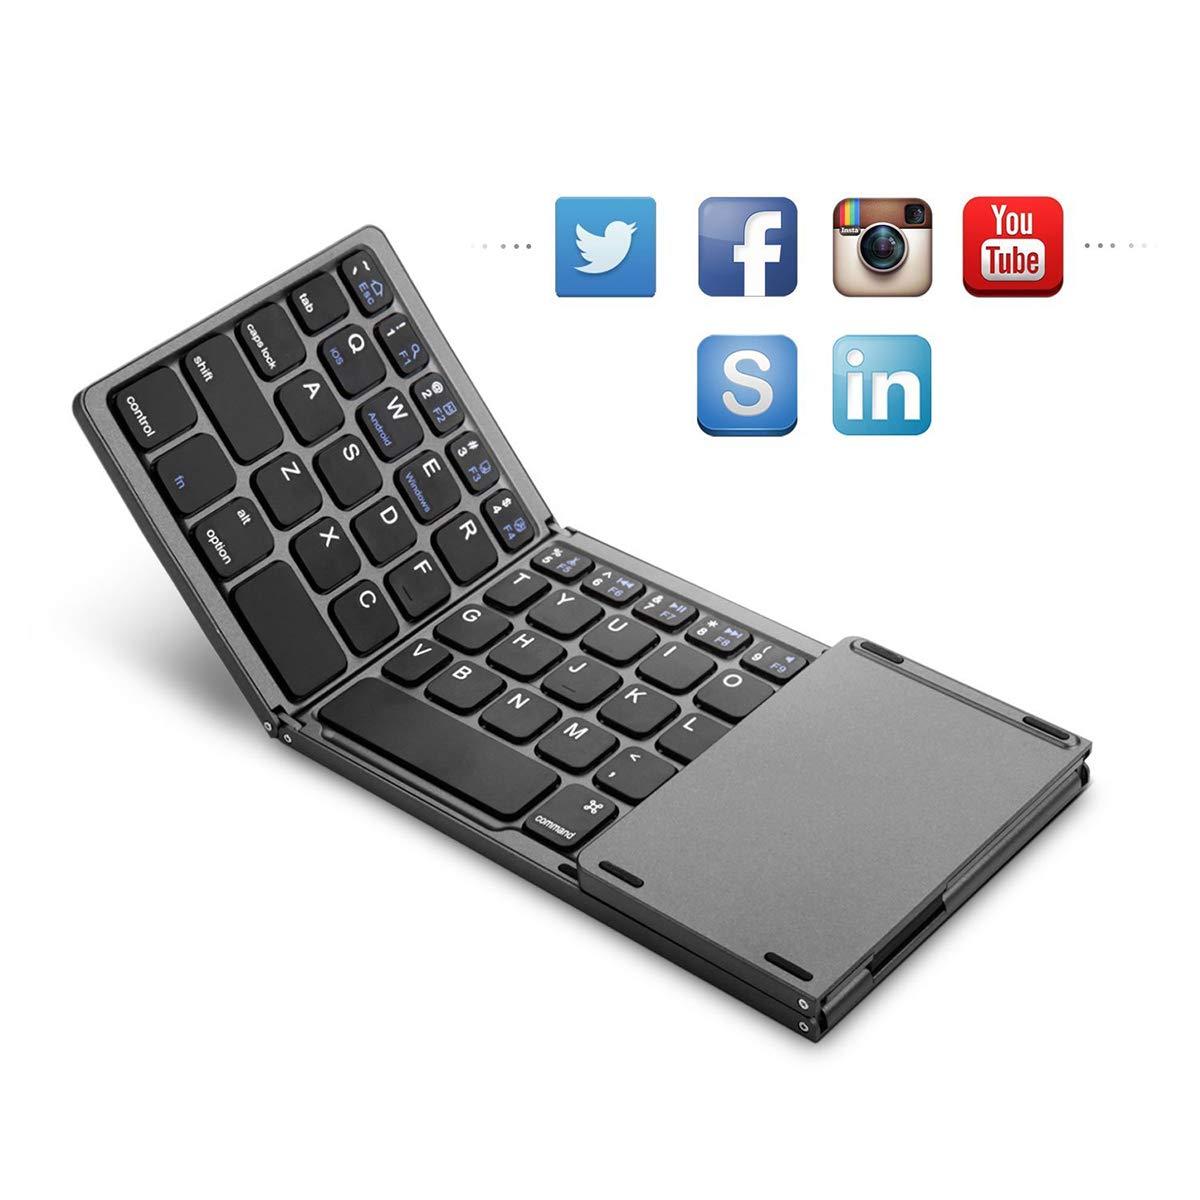 数量限定価格!! MeetJP Tri-folding Tri-folding Tablet MeetJP Universal Keyboard シェル, 保護者 キャリーケース ゴム 緩衝器 ユニークな格好 キャリーケース 保護者 スクラッチ耐性 耐衝撃性 シェル 保護 カバー B07L3S8BSR, REGALO KOBE:07cef287 --- a0267596.xsph.ru